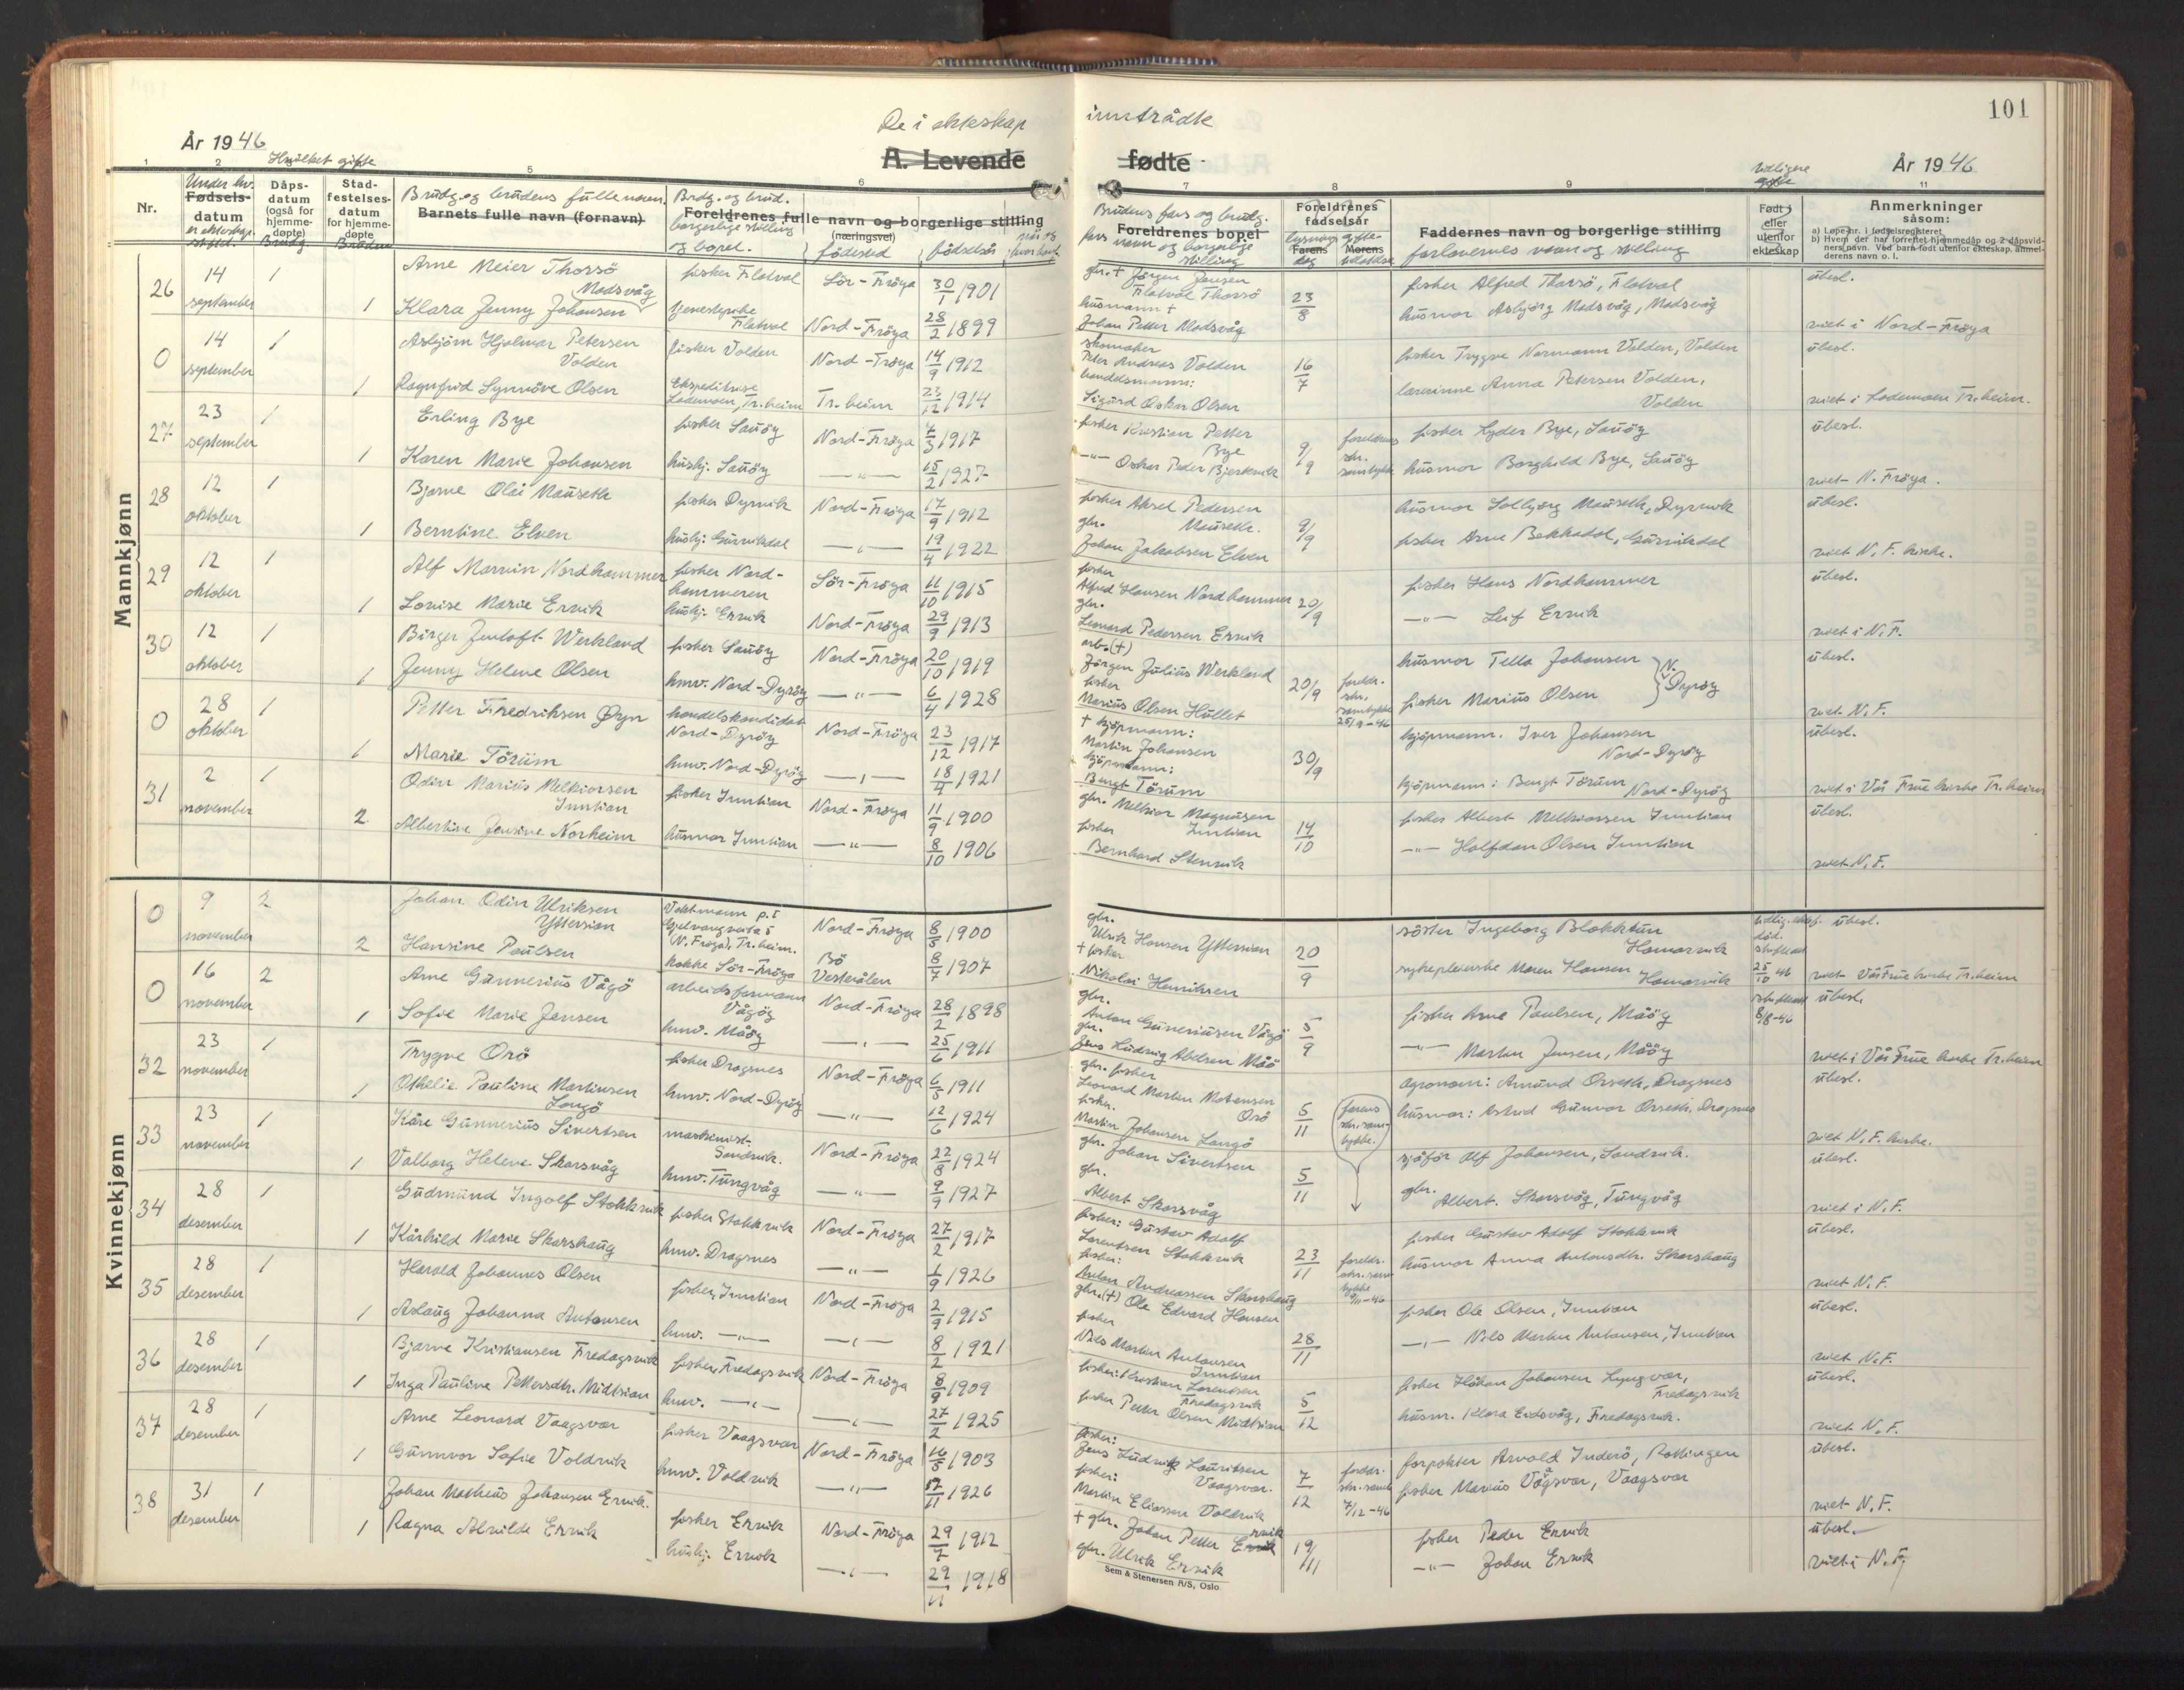 SAT, Ministerialprotokoller, klokkerbøker og fødselsregistre - Sør-Trøndelag, 640/L0590: Klokkerbok nr. 640C07, 1935-1948, s. 101